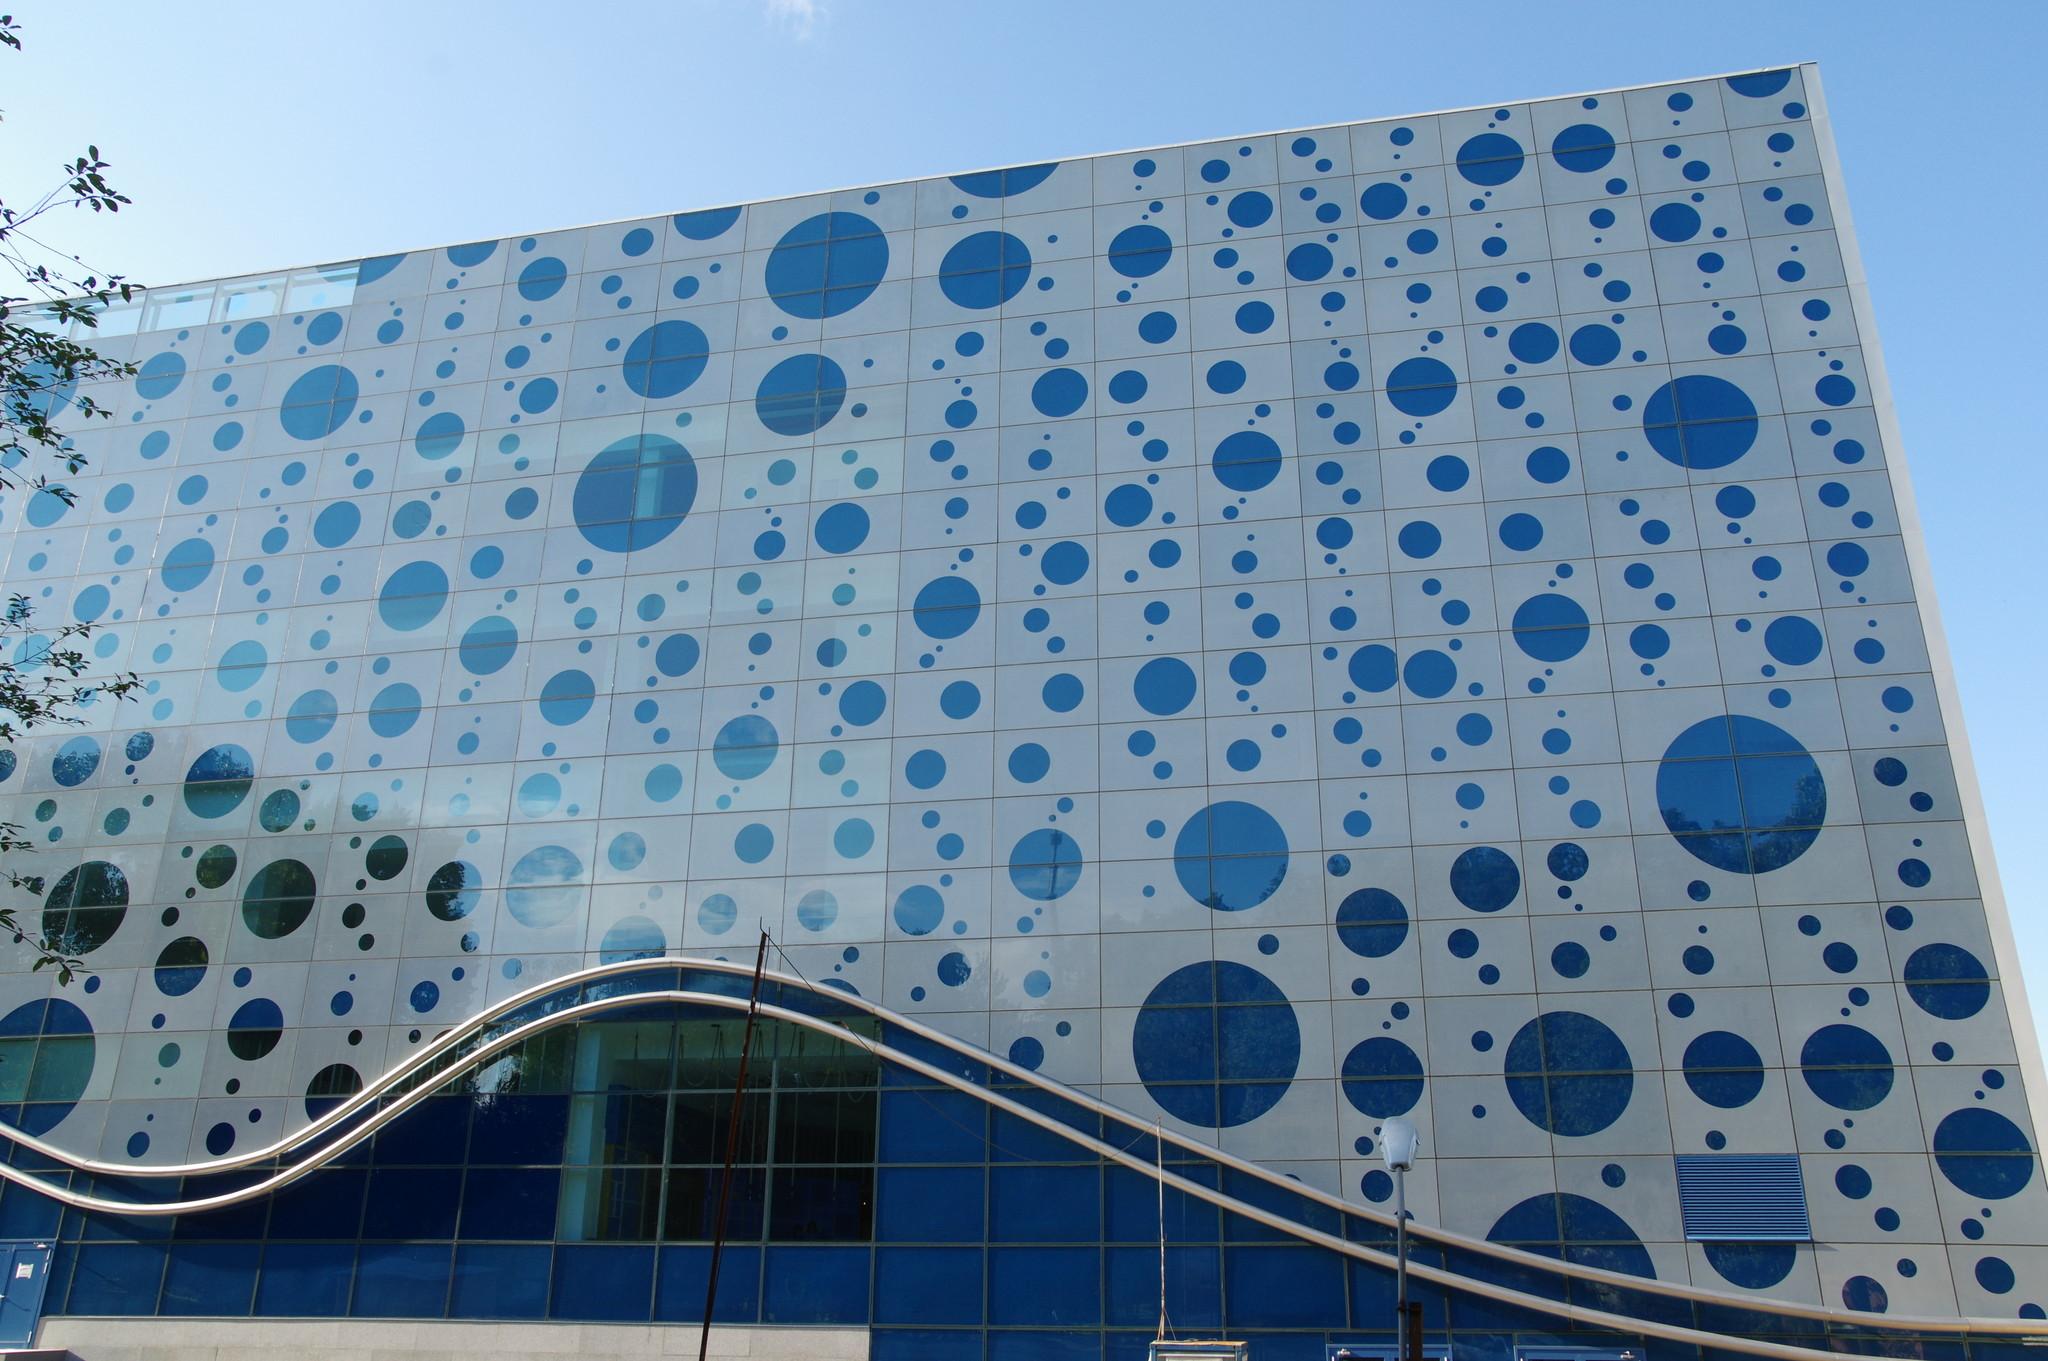 Центр Океанографии и Морской Биологии «Москвариум» (Павильон № 23)